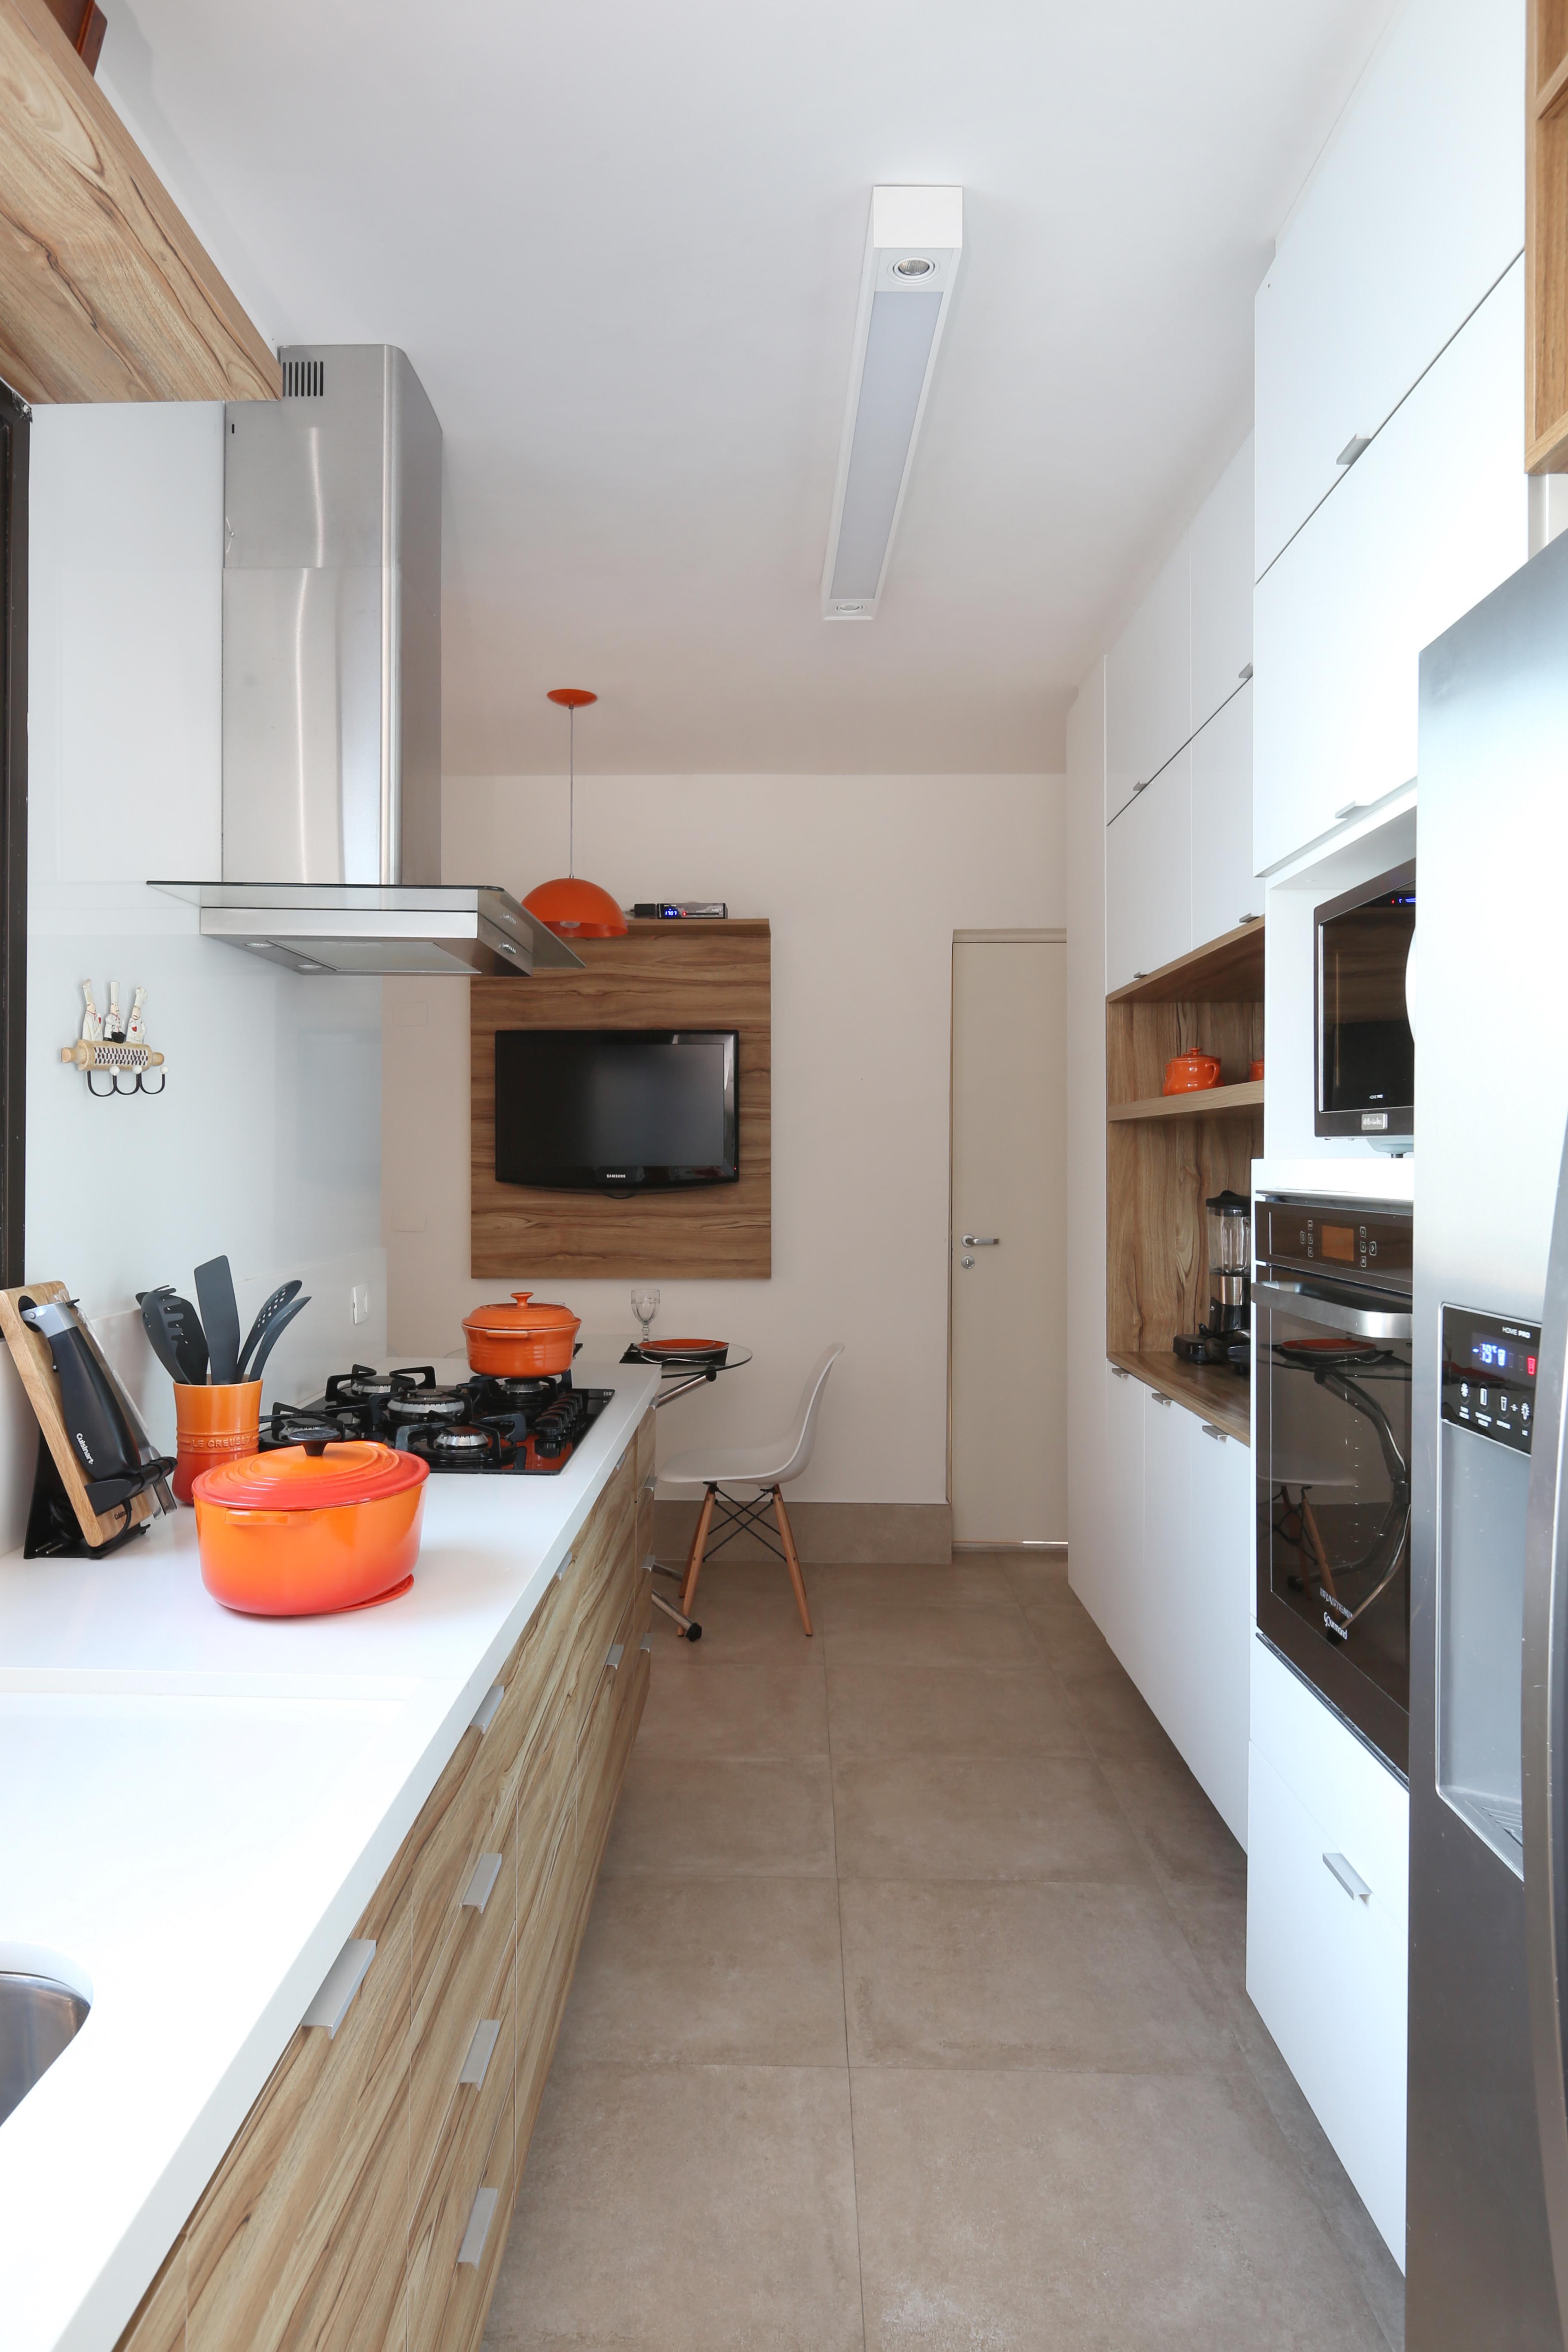 09_Cozinha IMG_0156-1